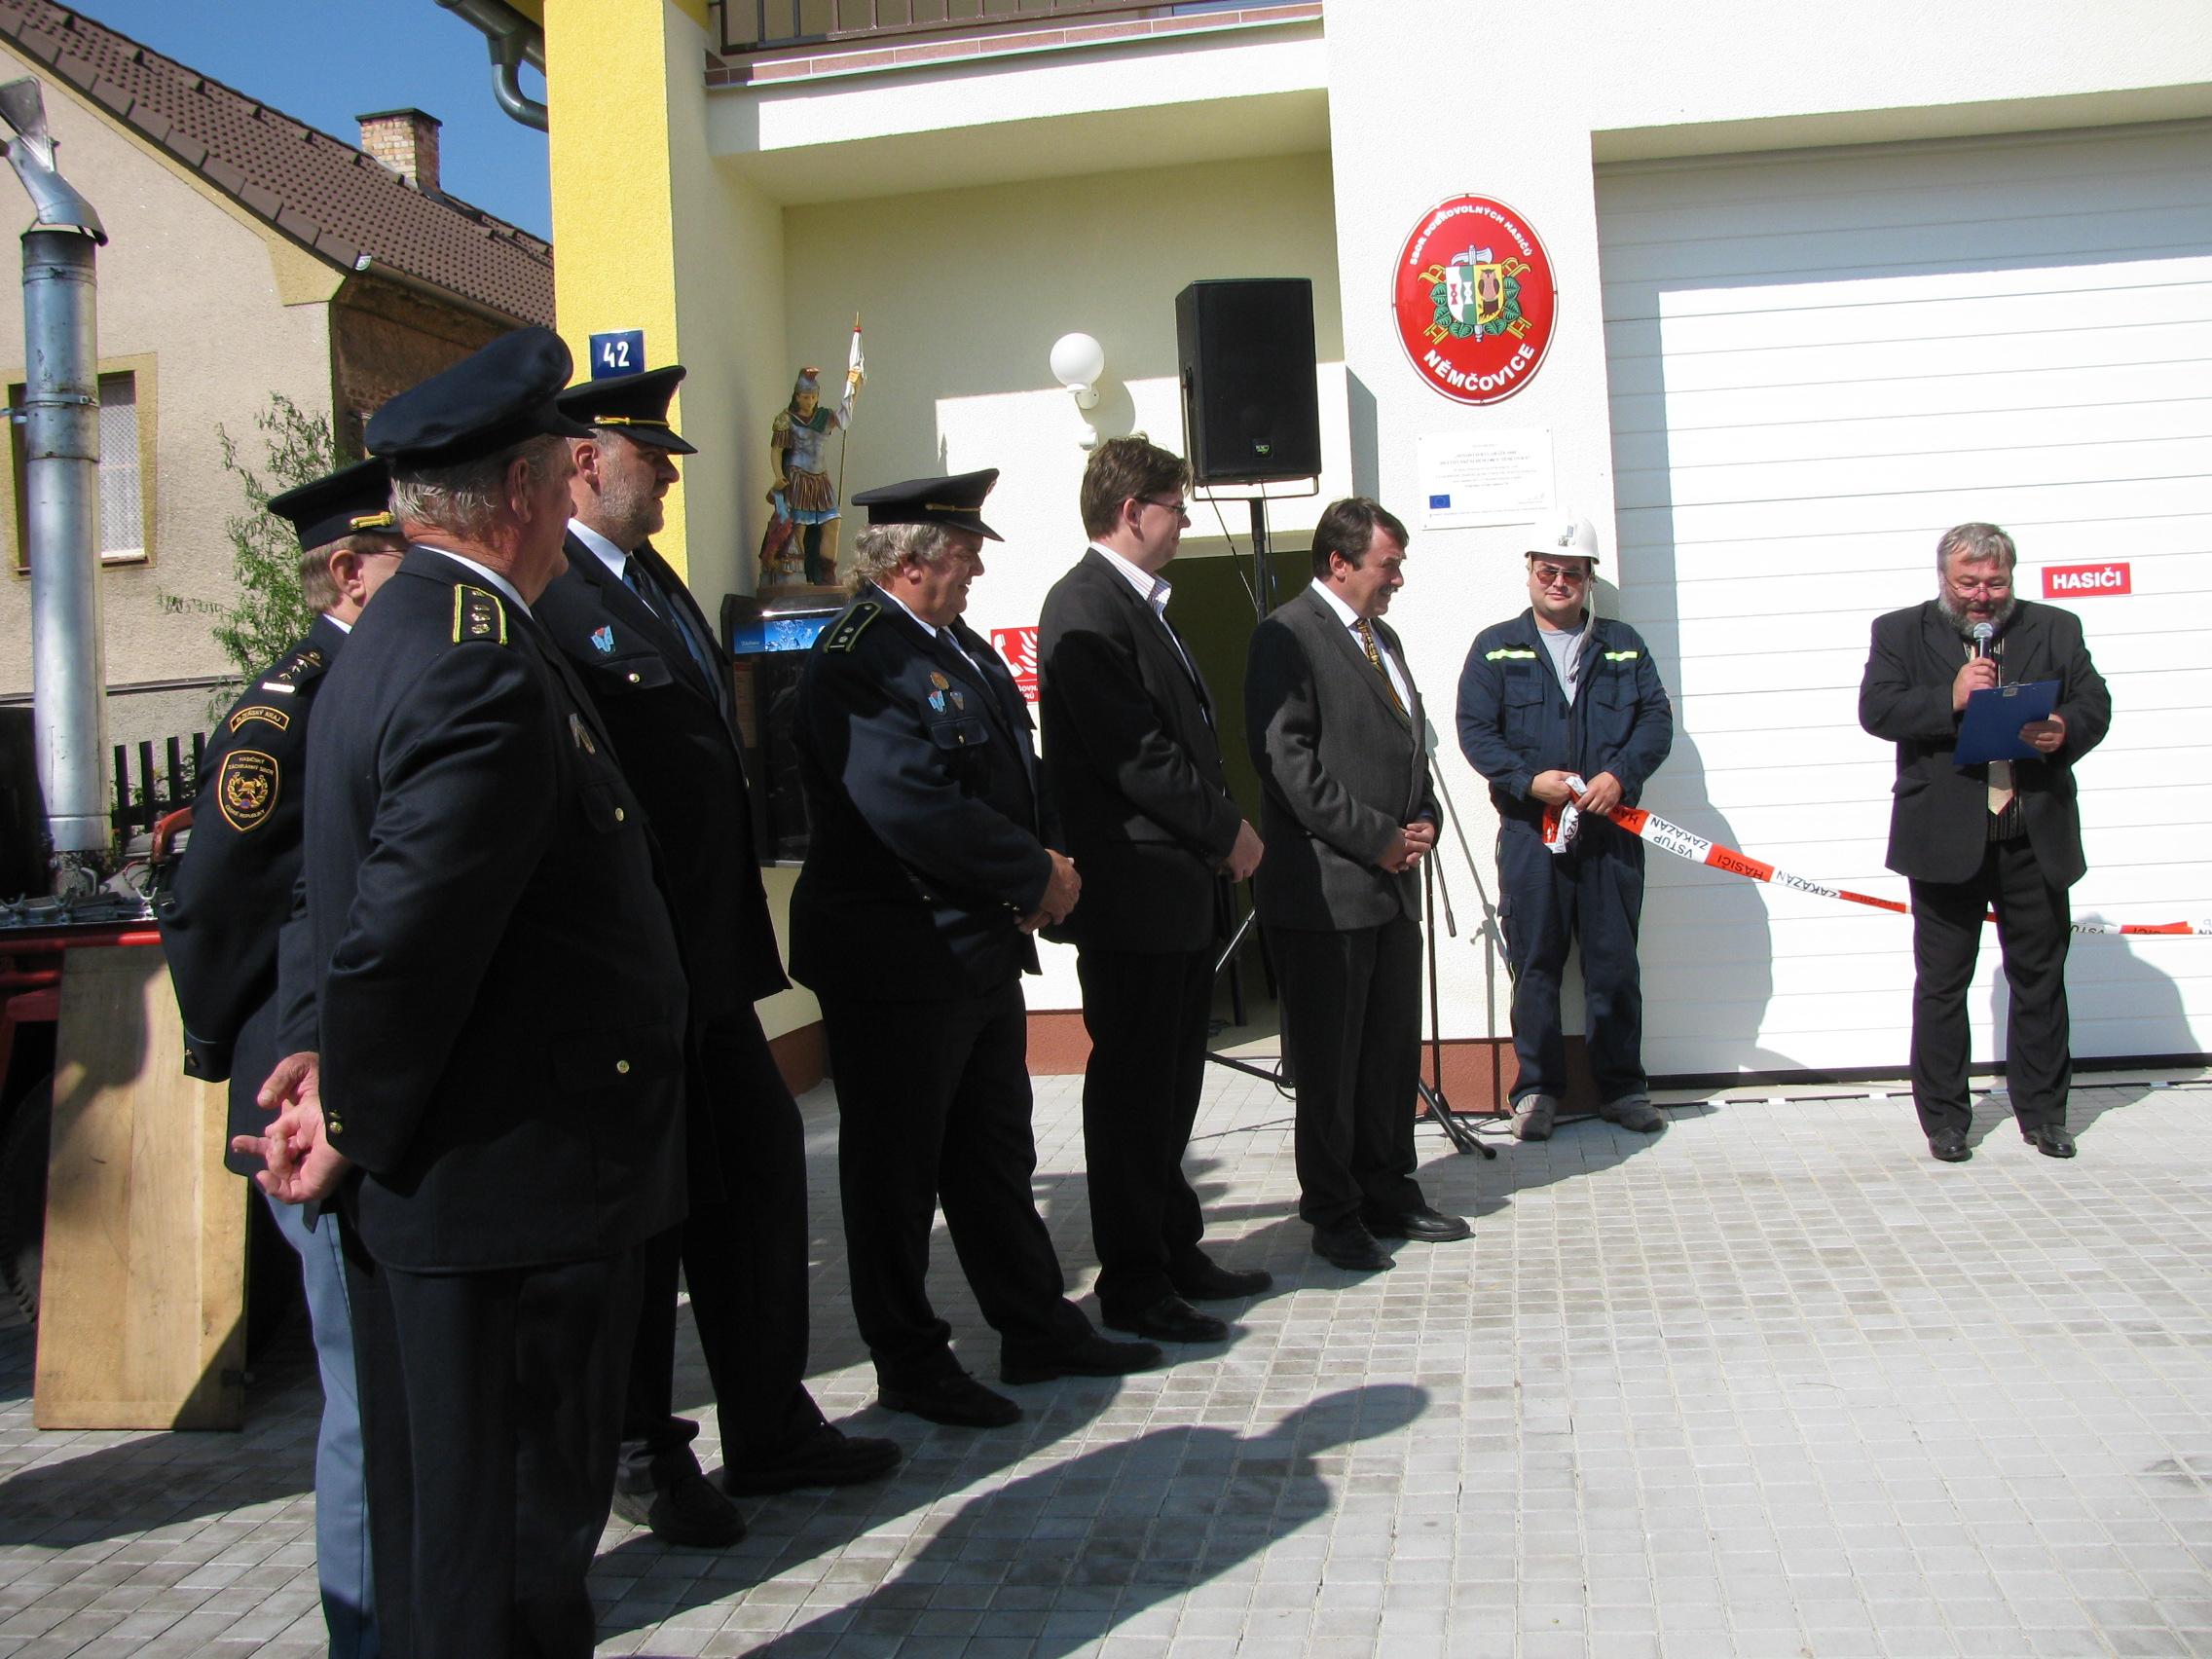 slavnostní otevření hasičárny 091.JPG